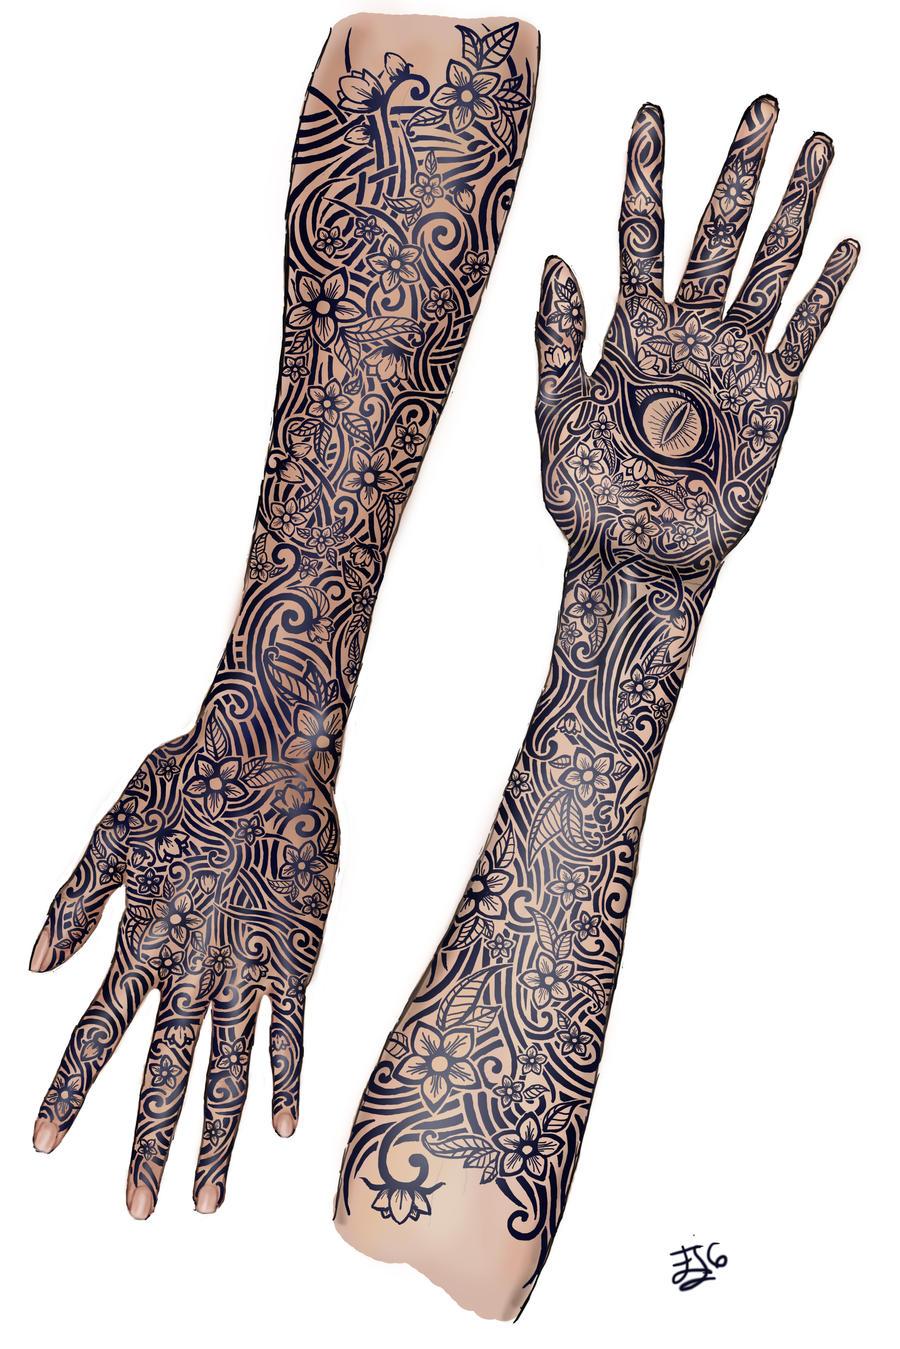 Feyre bargain tattoo by leywan